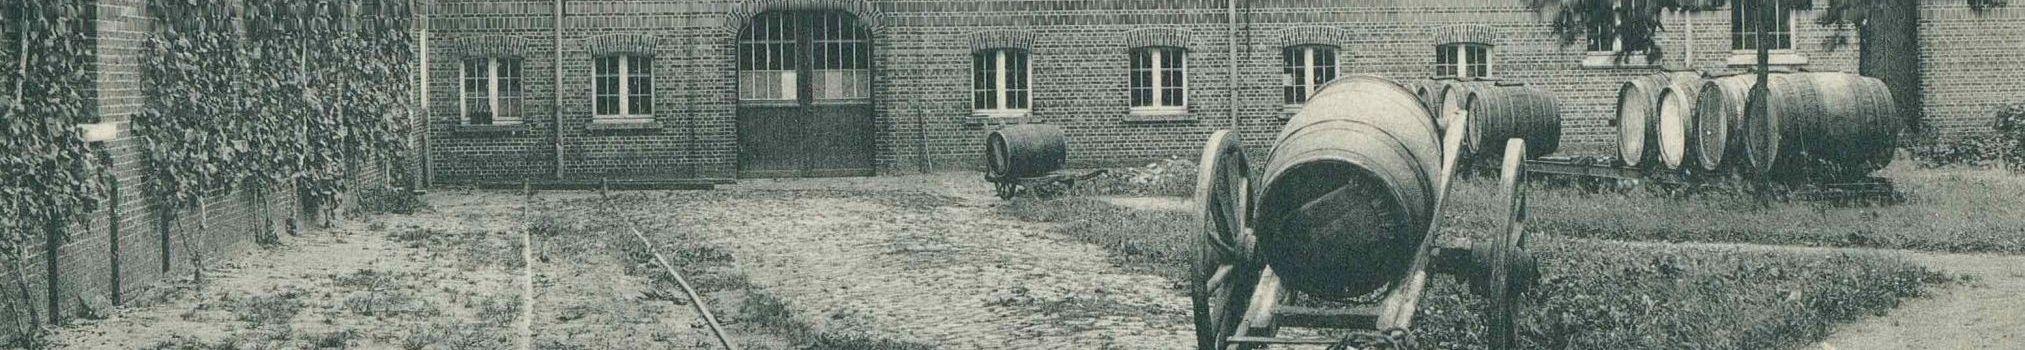 Barril de cerveza de madera en la fábrica de cerveza de Westmalle a comienzos del siglo XX